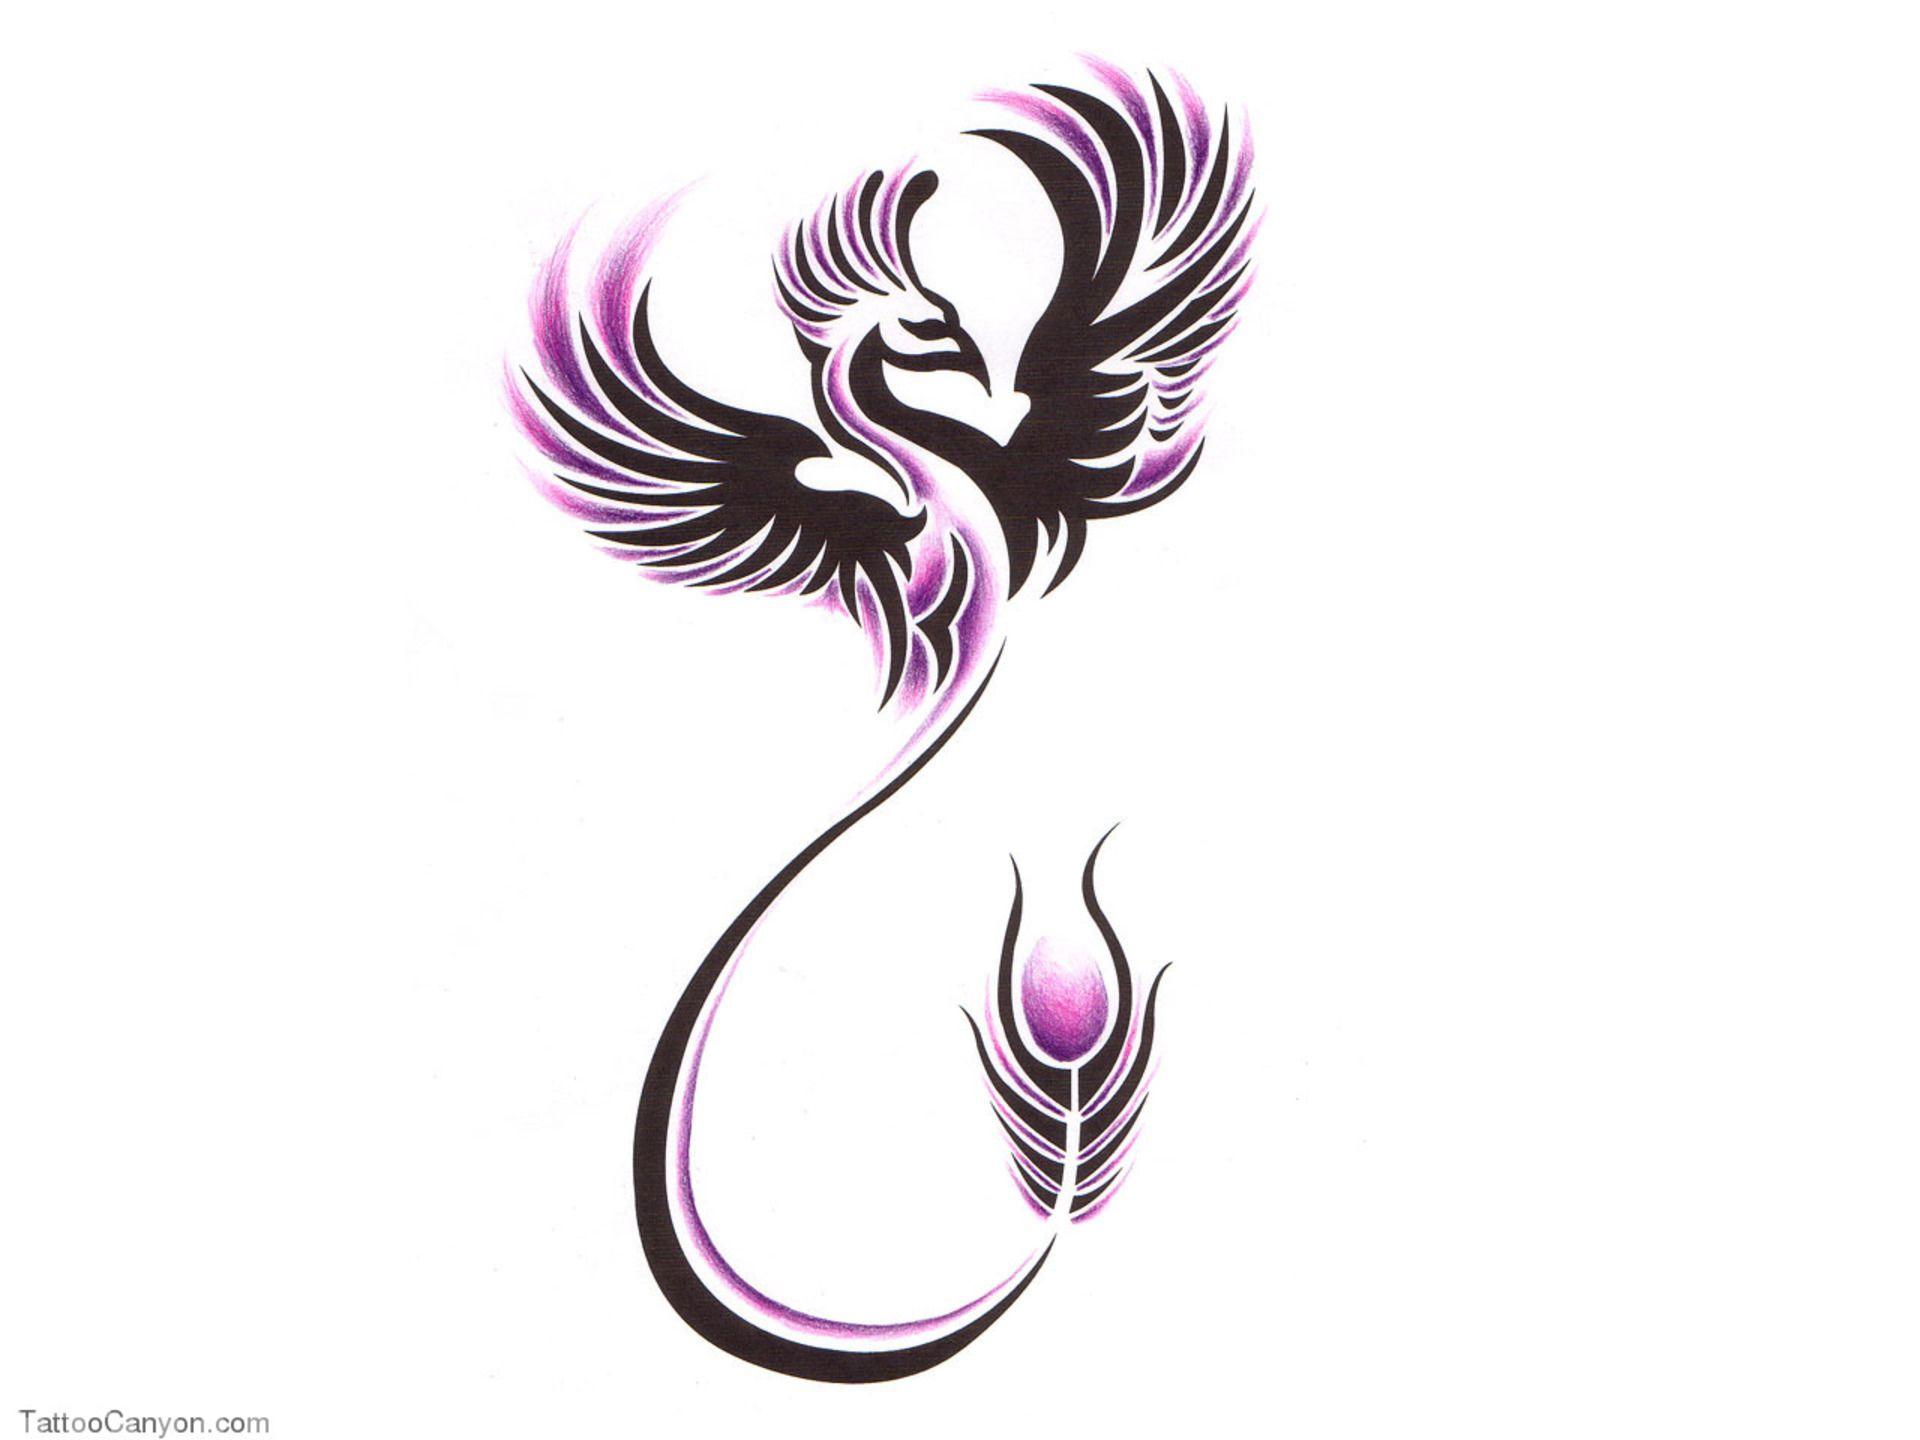 57dbcc71a Fire Phoenix Tattoo Designs | 6223-free-designs-flying-phoenix-tattoo -wallpaper-tattoo-design .